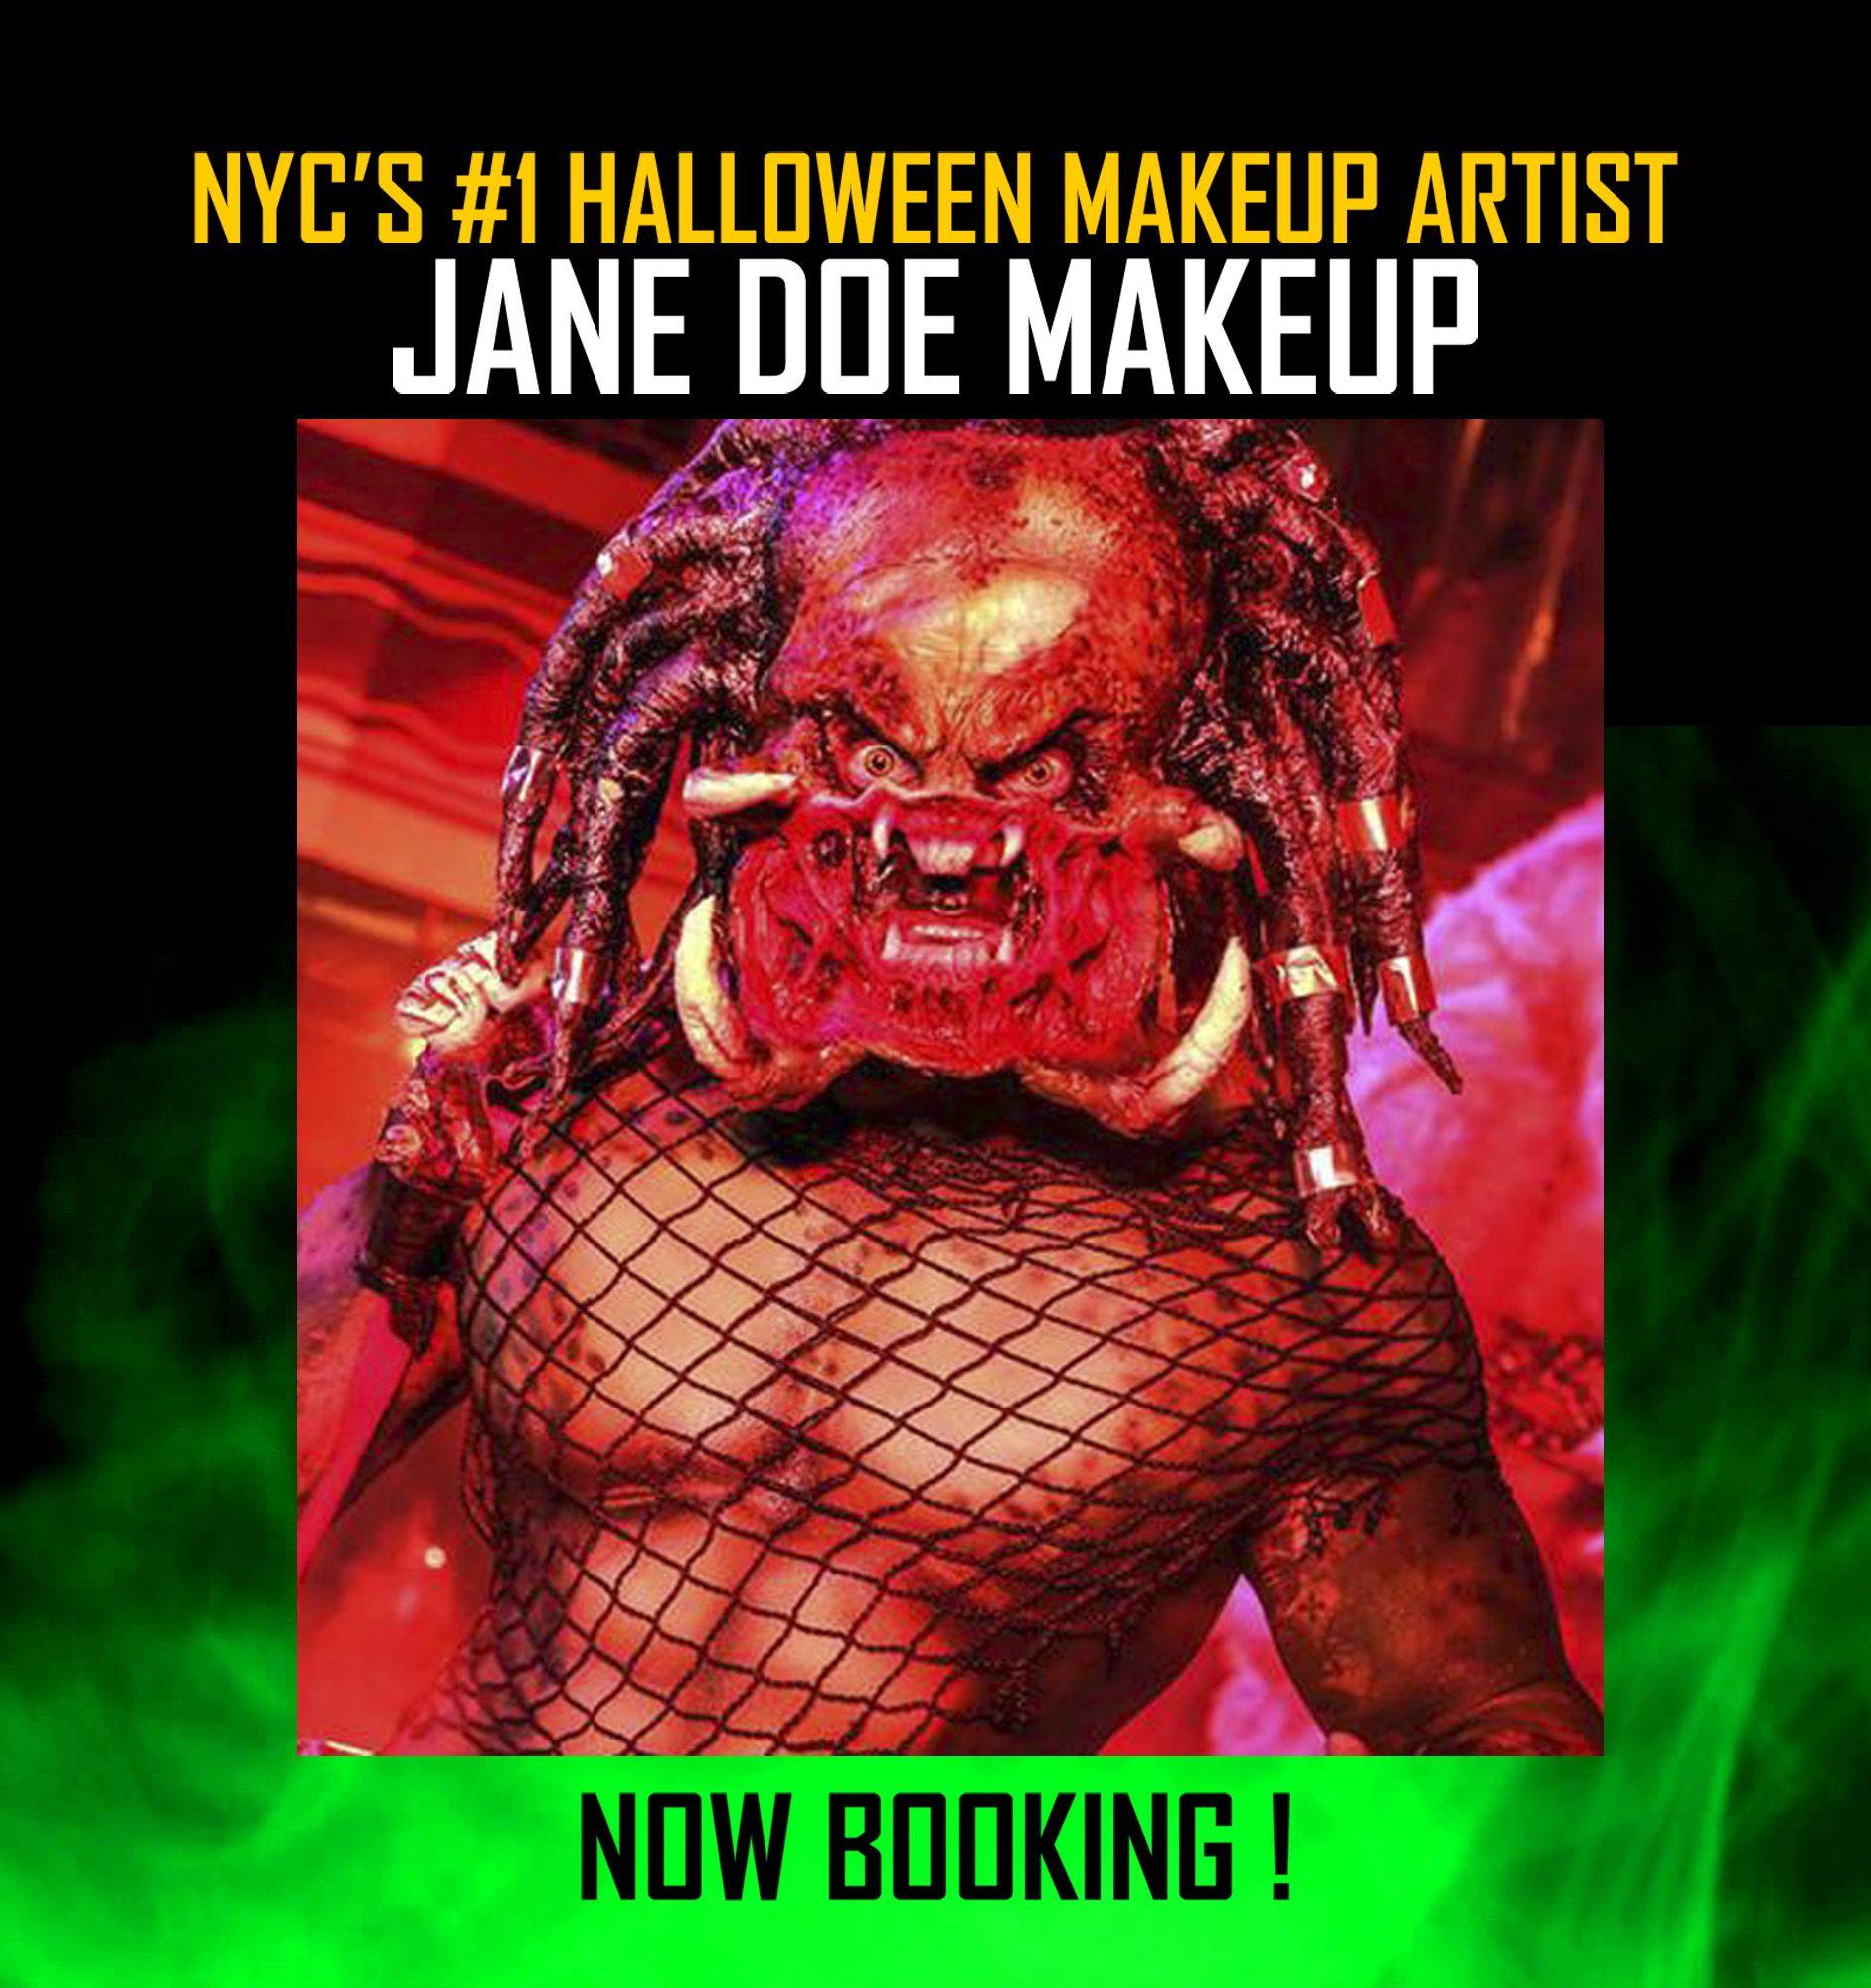 Manhattan Halloween Makeup Artists JANE DOE